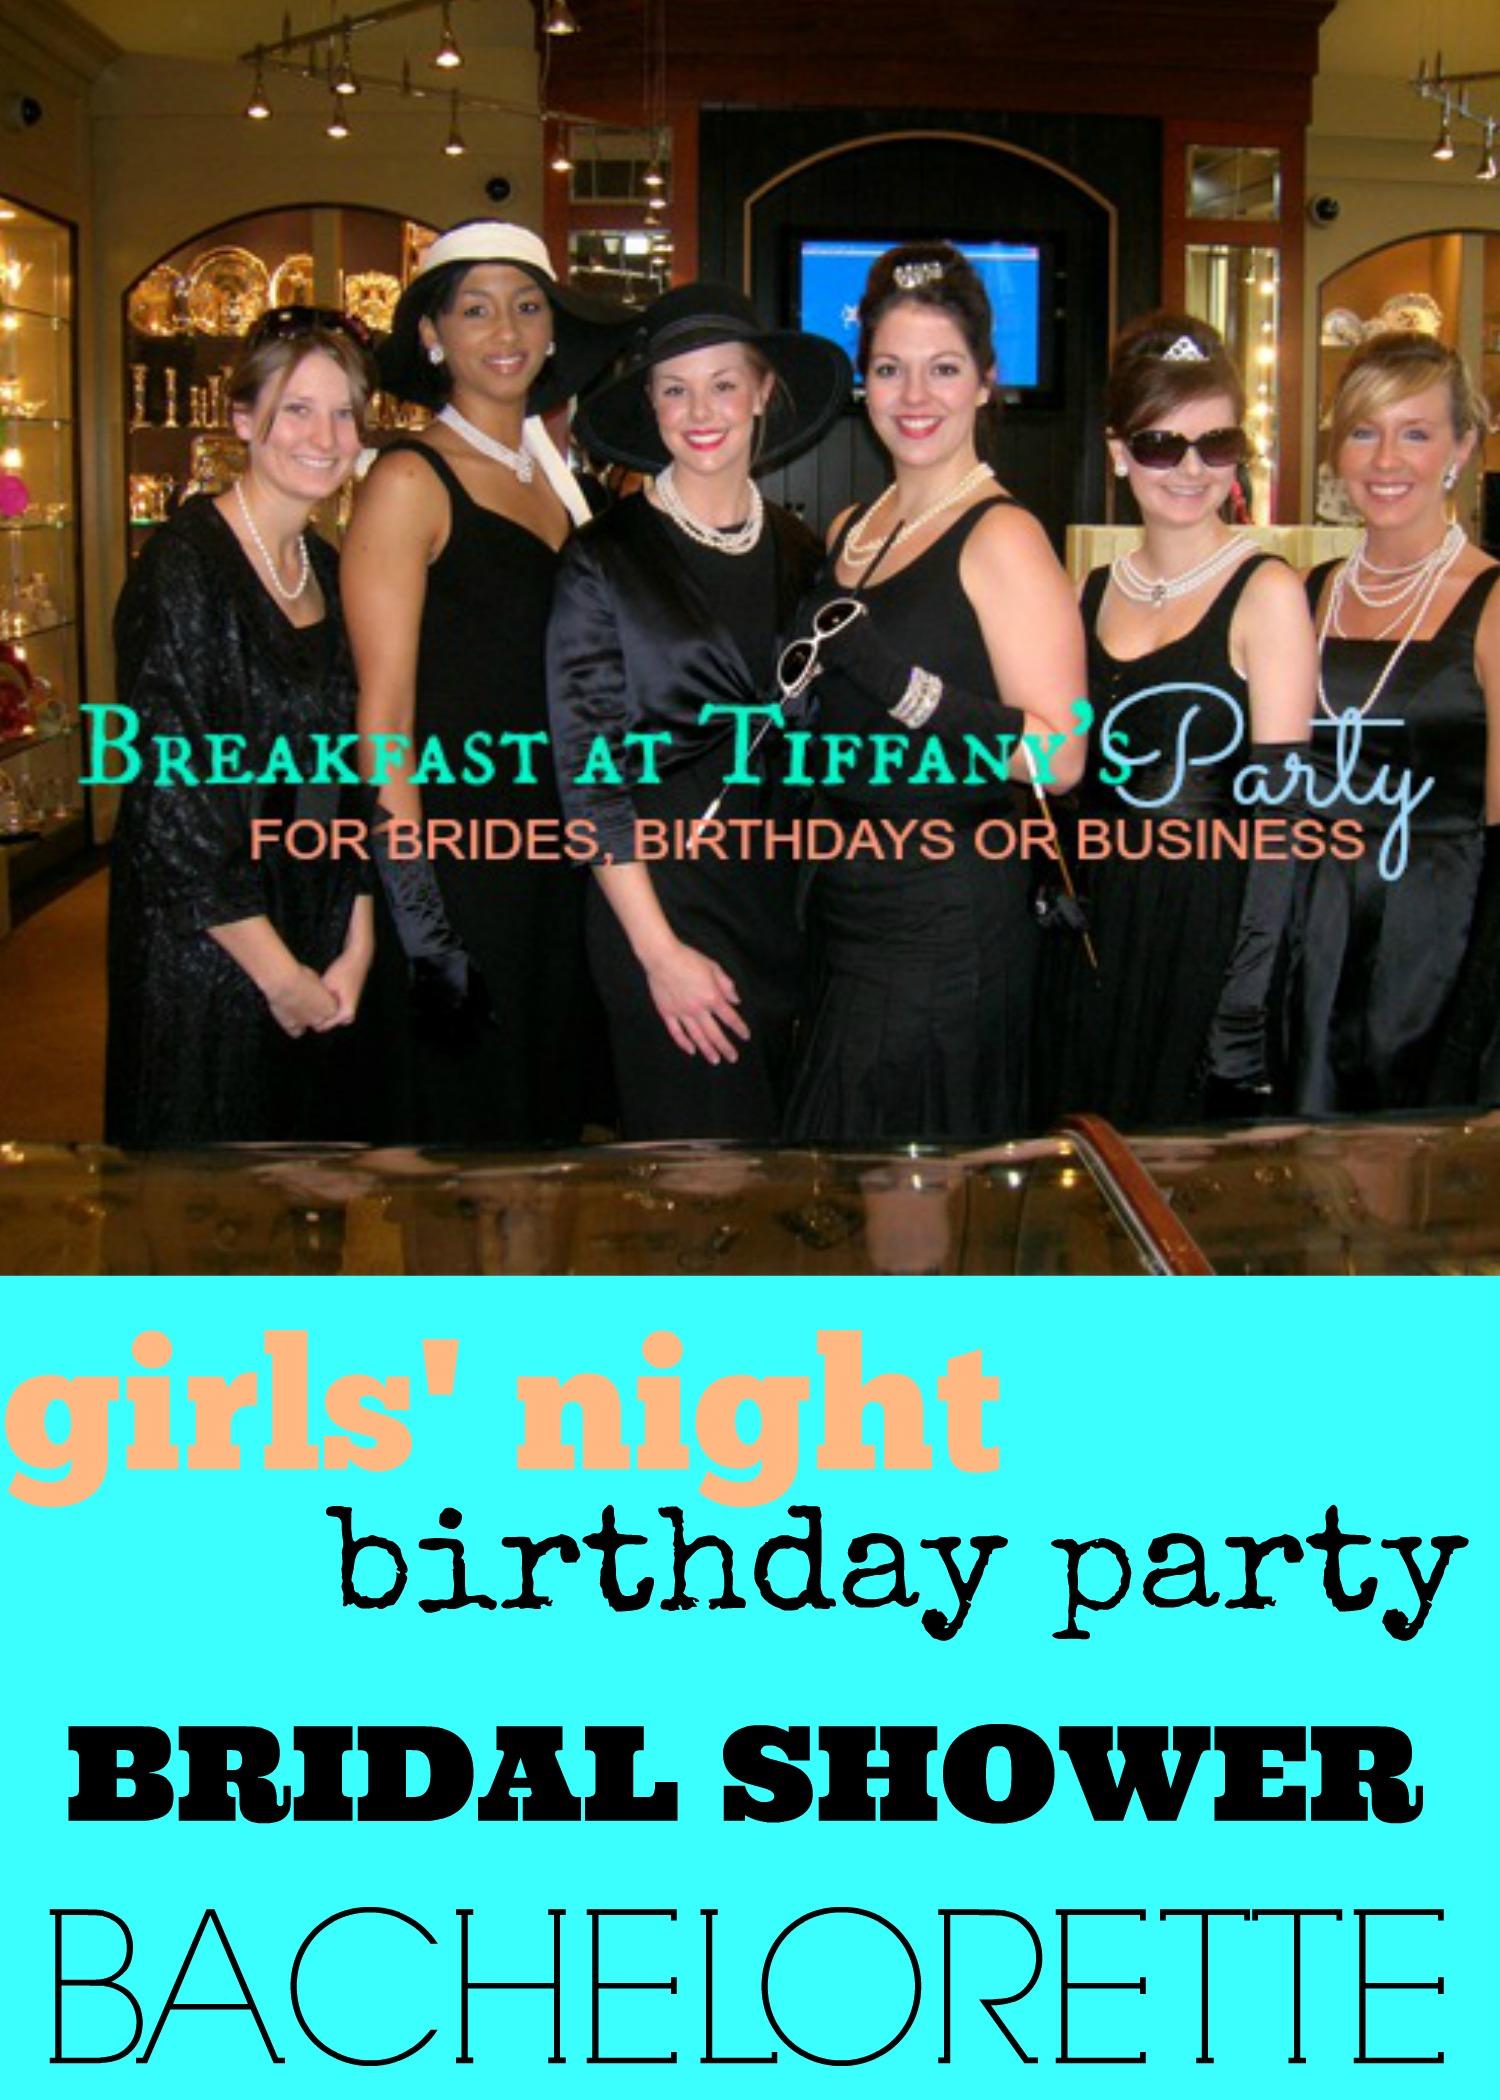 BREAKFAST AT TIFFANY PARTY THEME.jpg